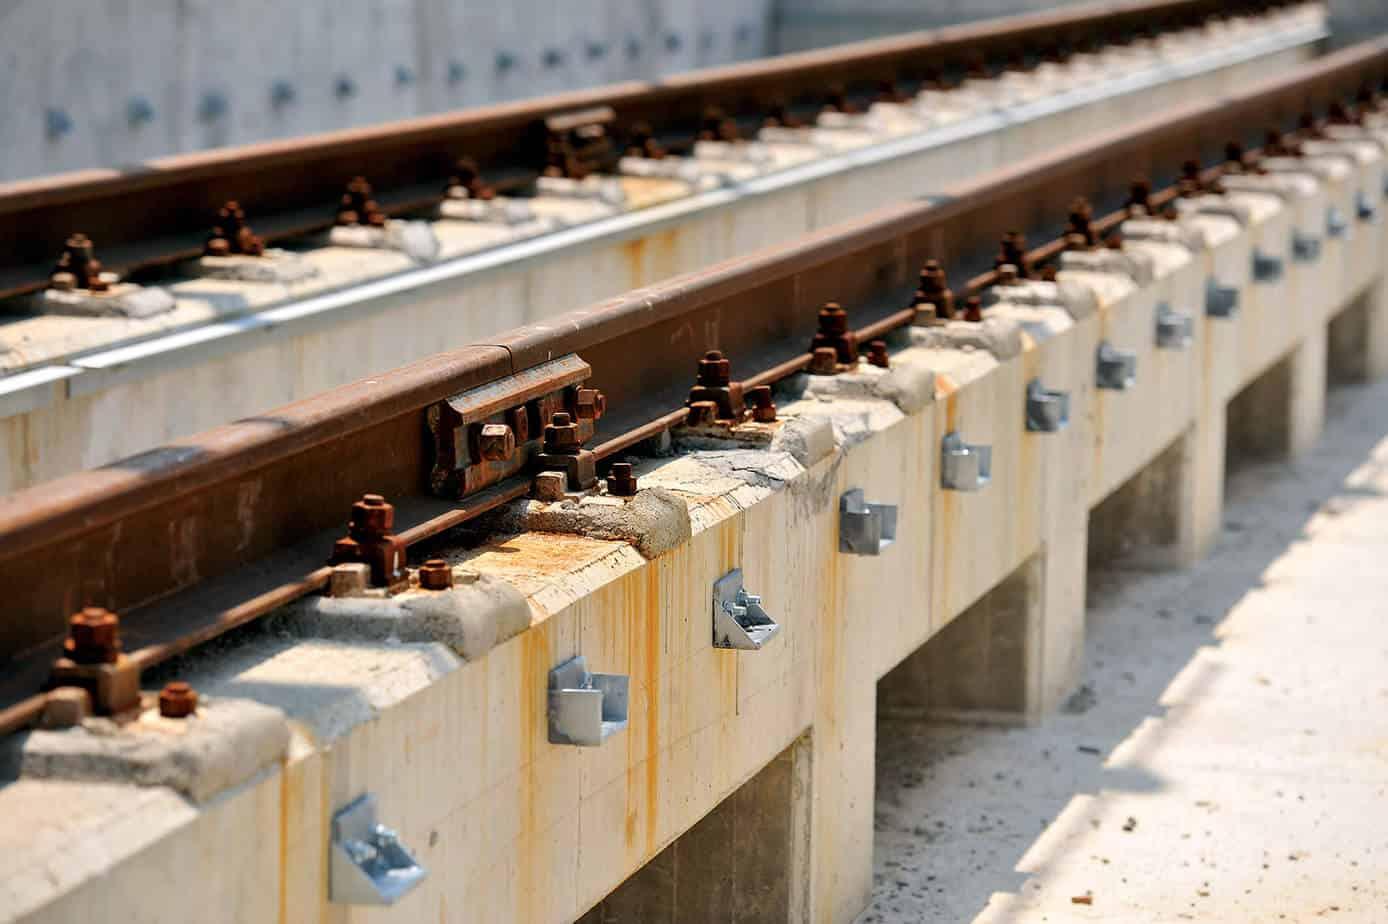 Un particolare del collegamento delle rotaie con le strutture rialzate in calcestruzzo